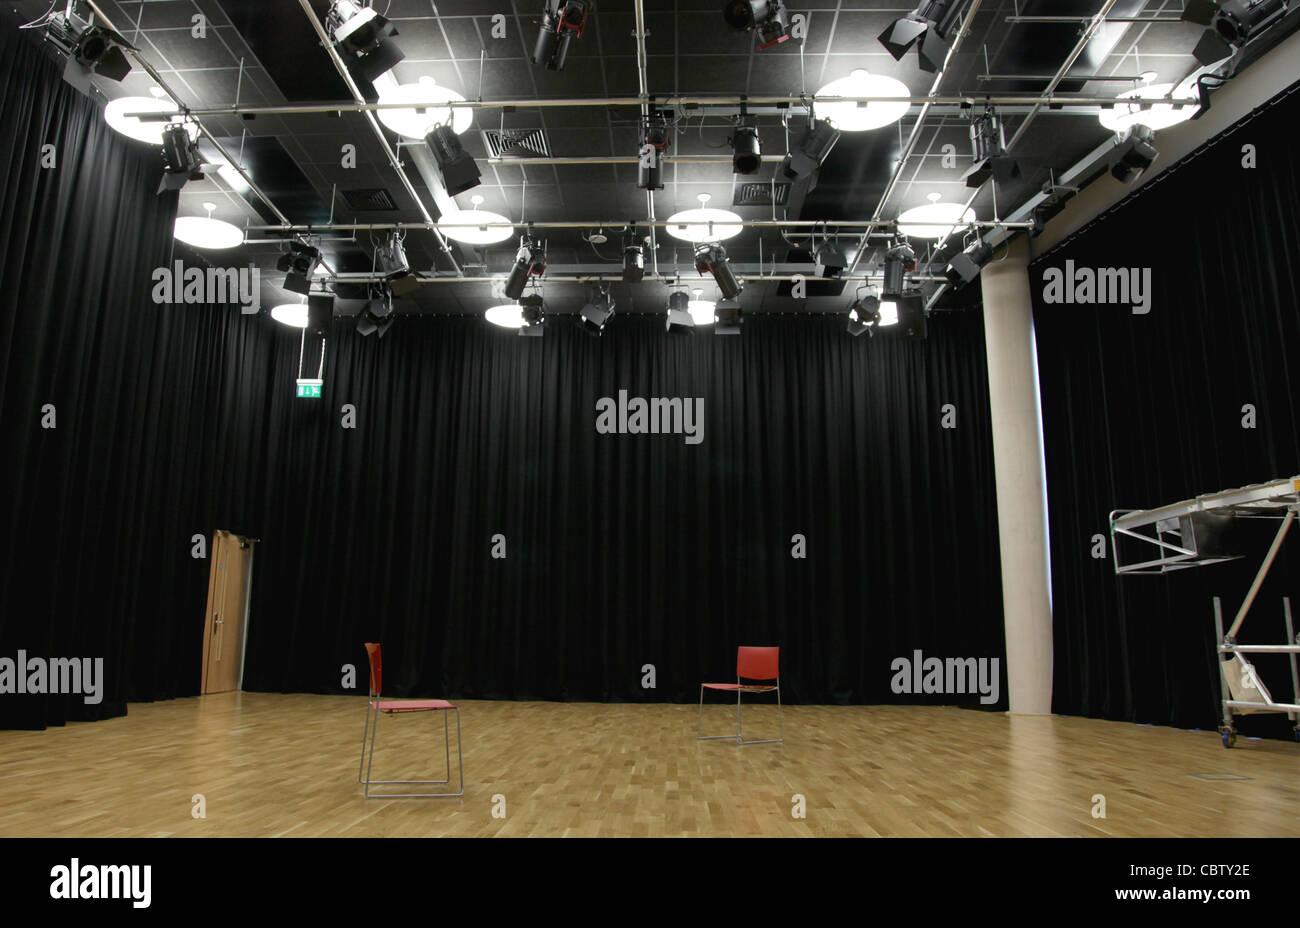 Actor's rehearsal studio - Stock Image